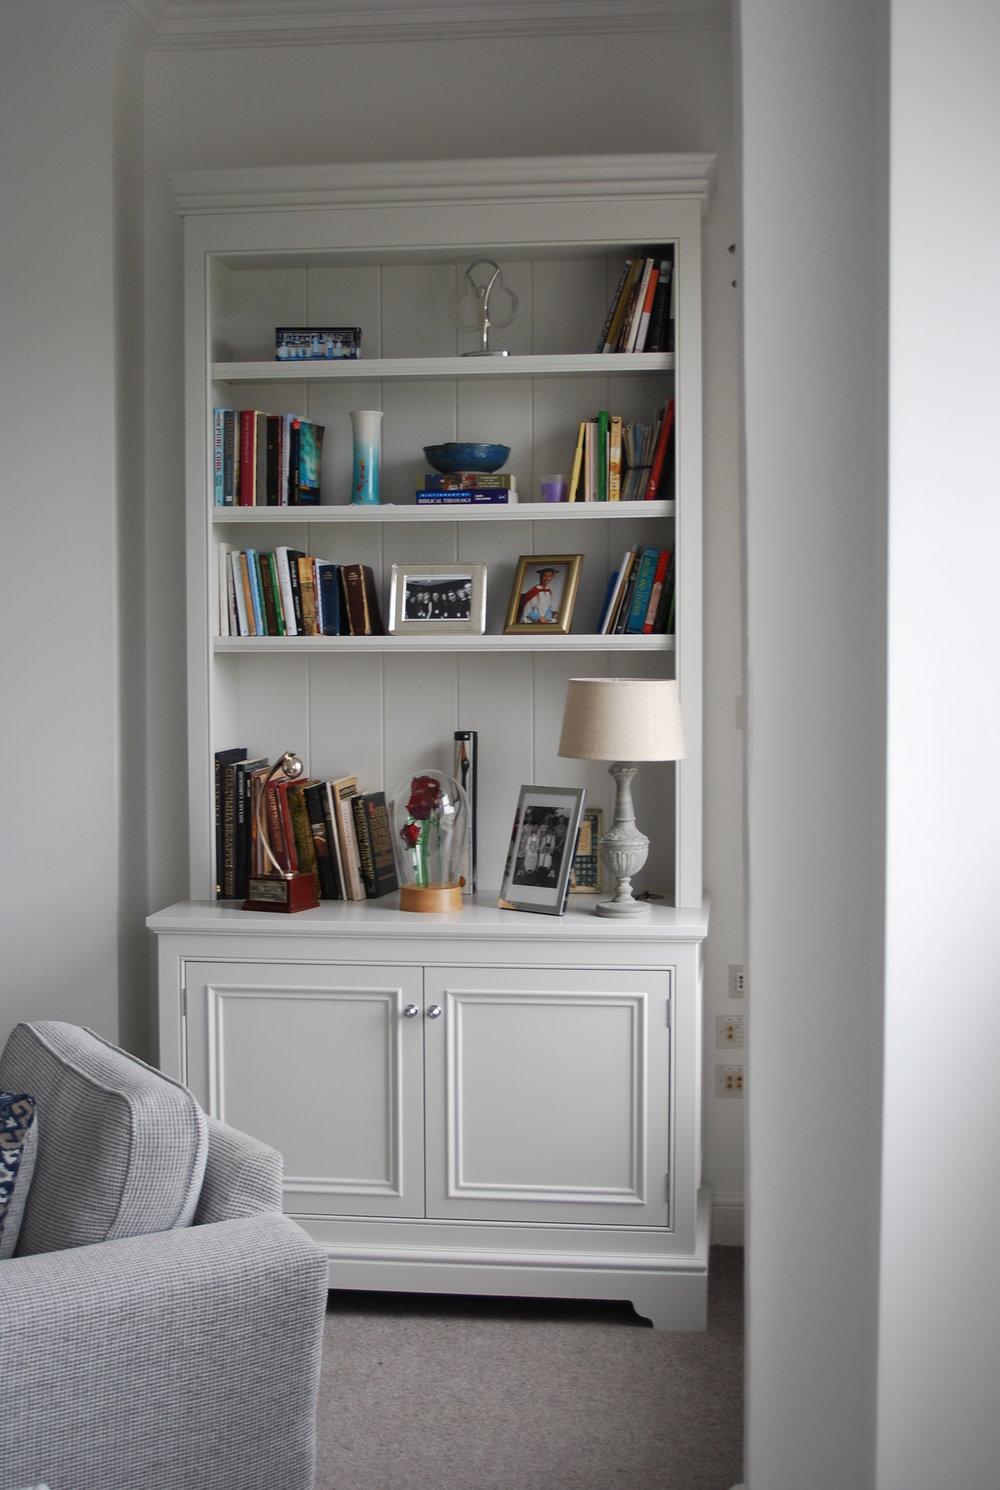 DSC_0961 bookshelves.jpg